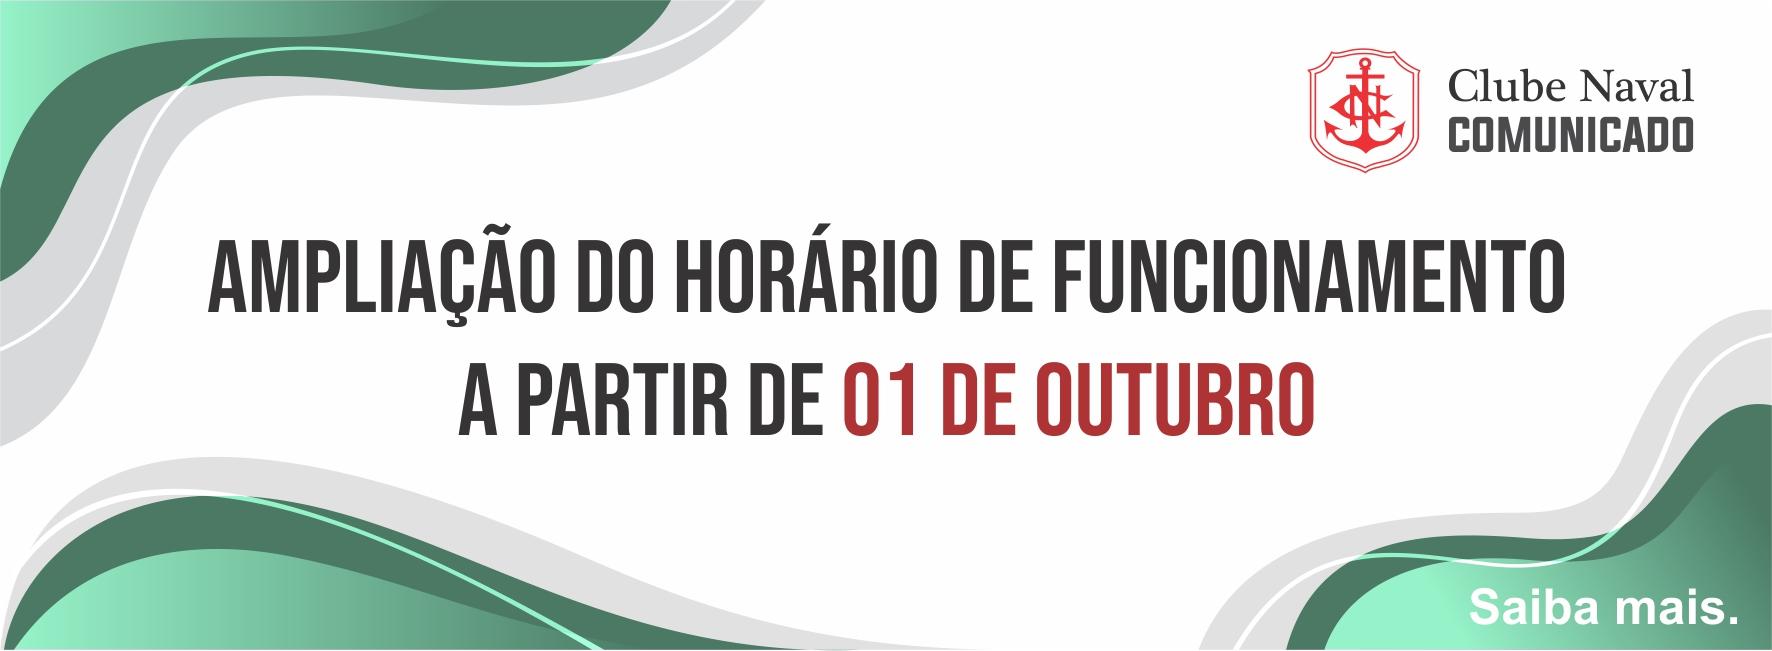 https://www.clubenaval.org.br/novo/?q=amplia%C3%A7%C3%A3o-do-hor%C3%A1rio-de-funcionamento-partir-de-01-de-outubro